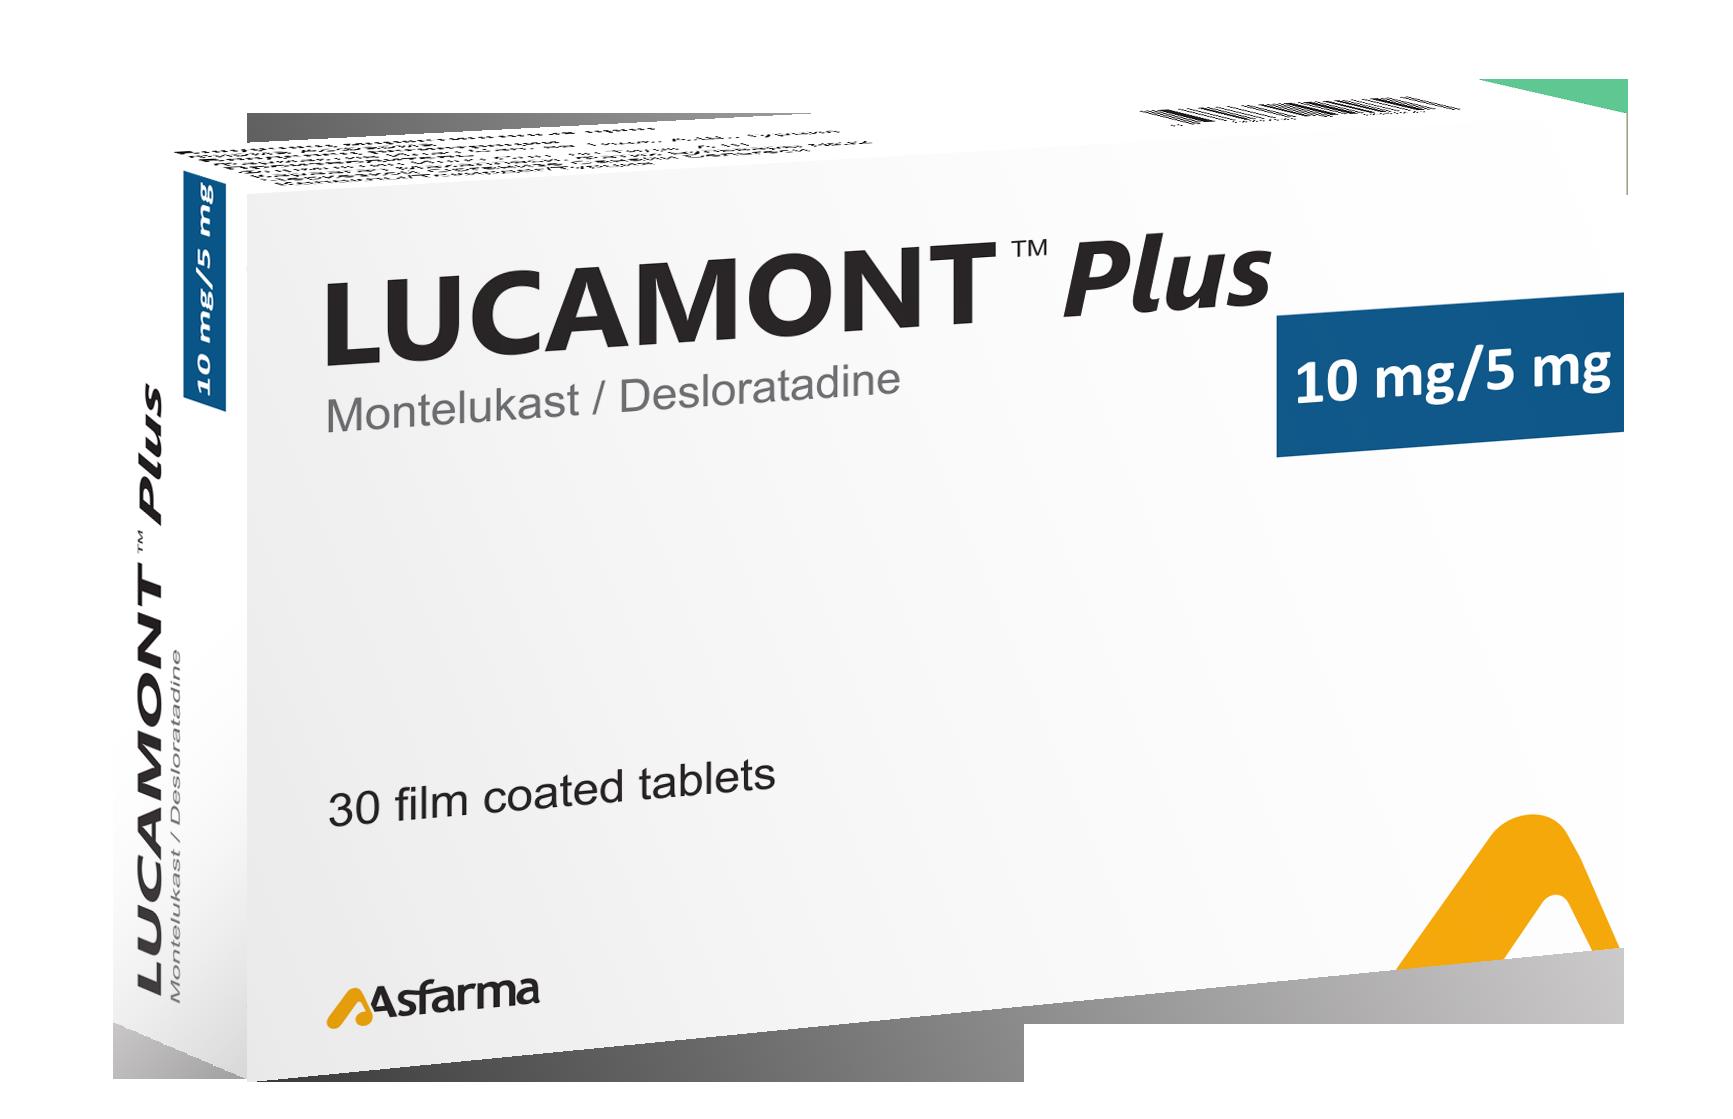 ლუკამონტ™ პლუსი / Lucamont™ Plus